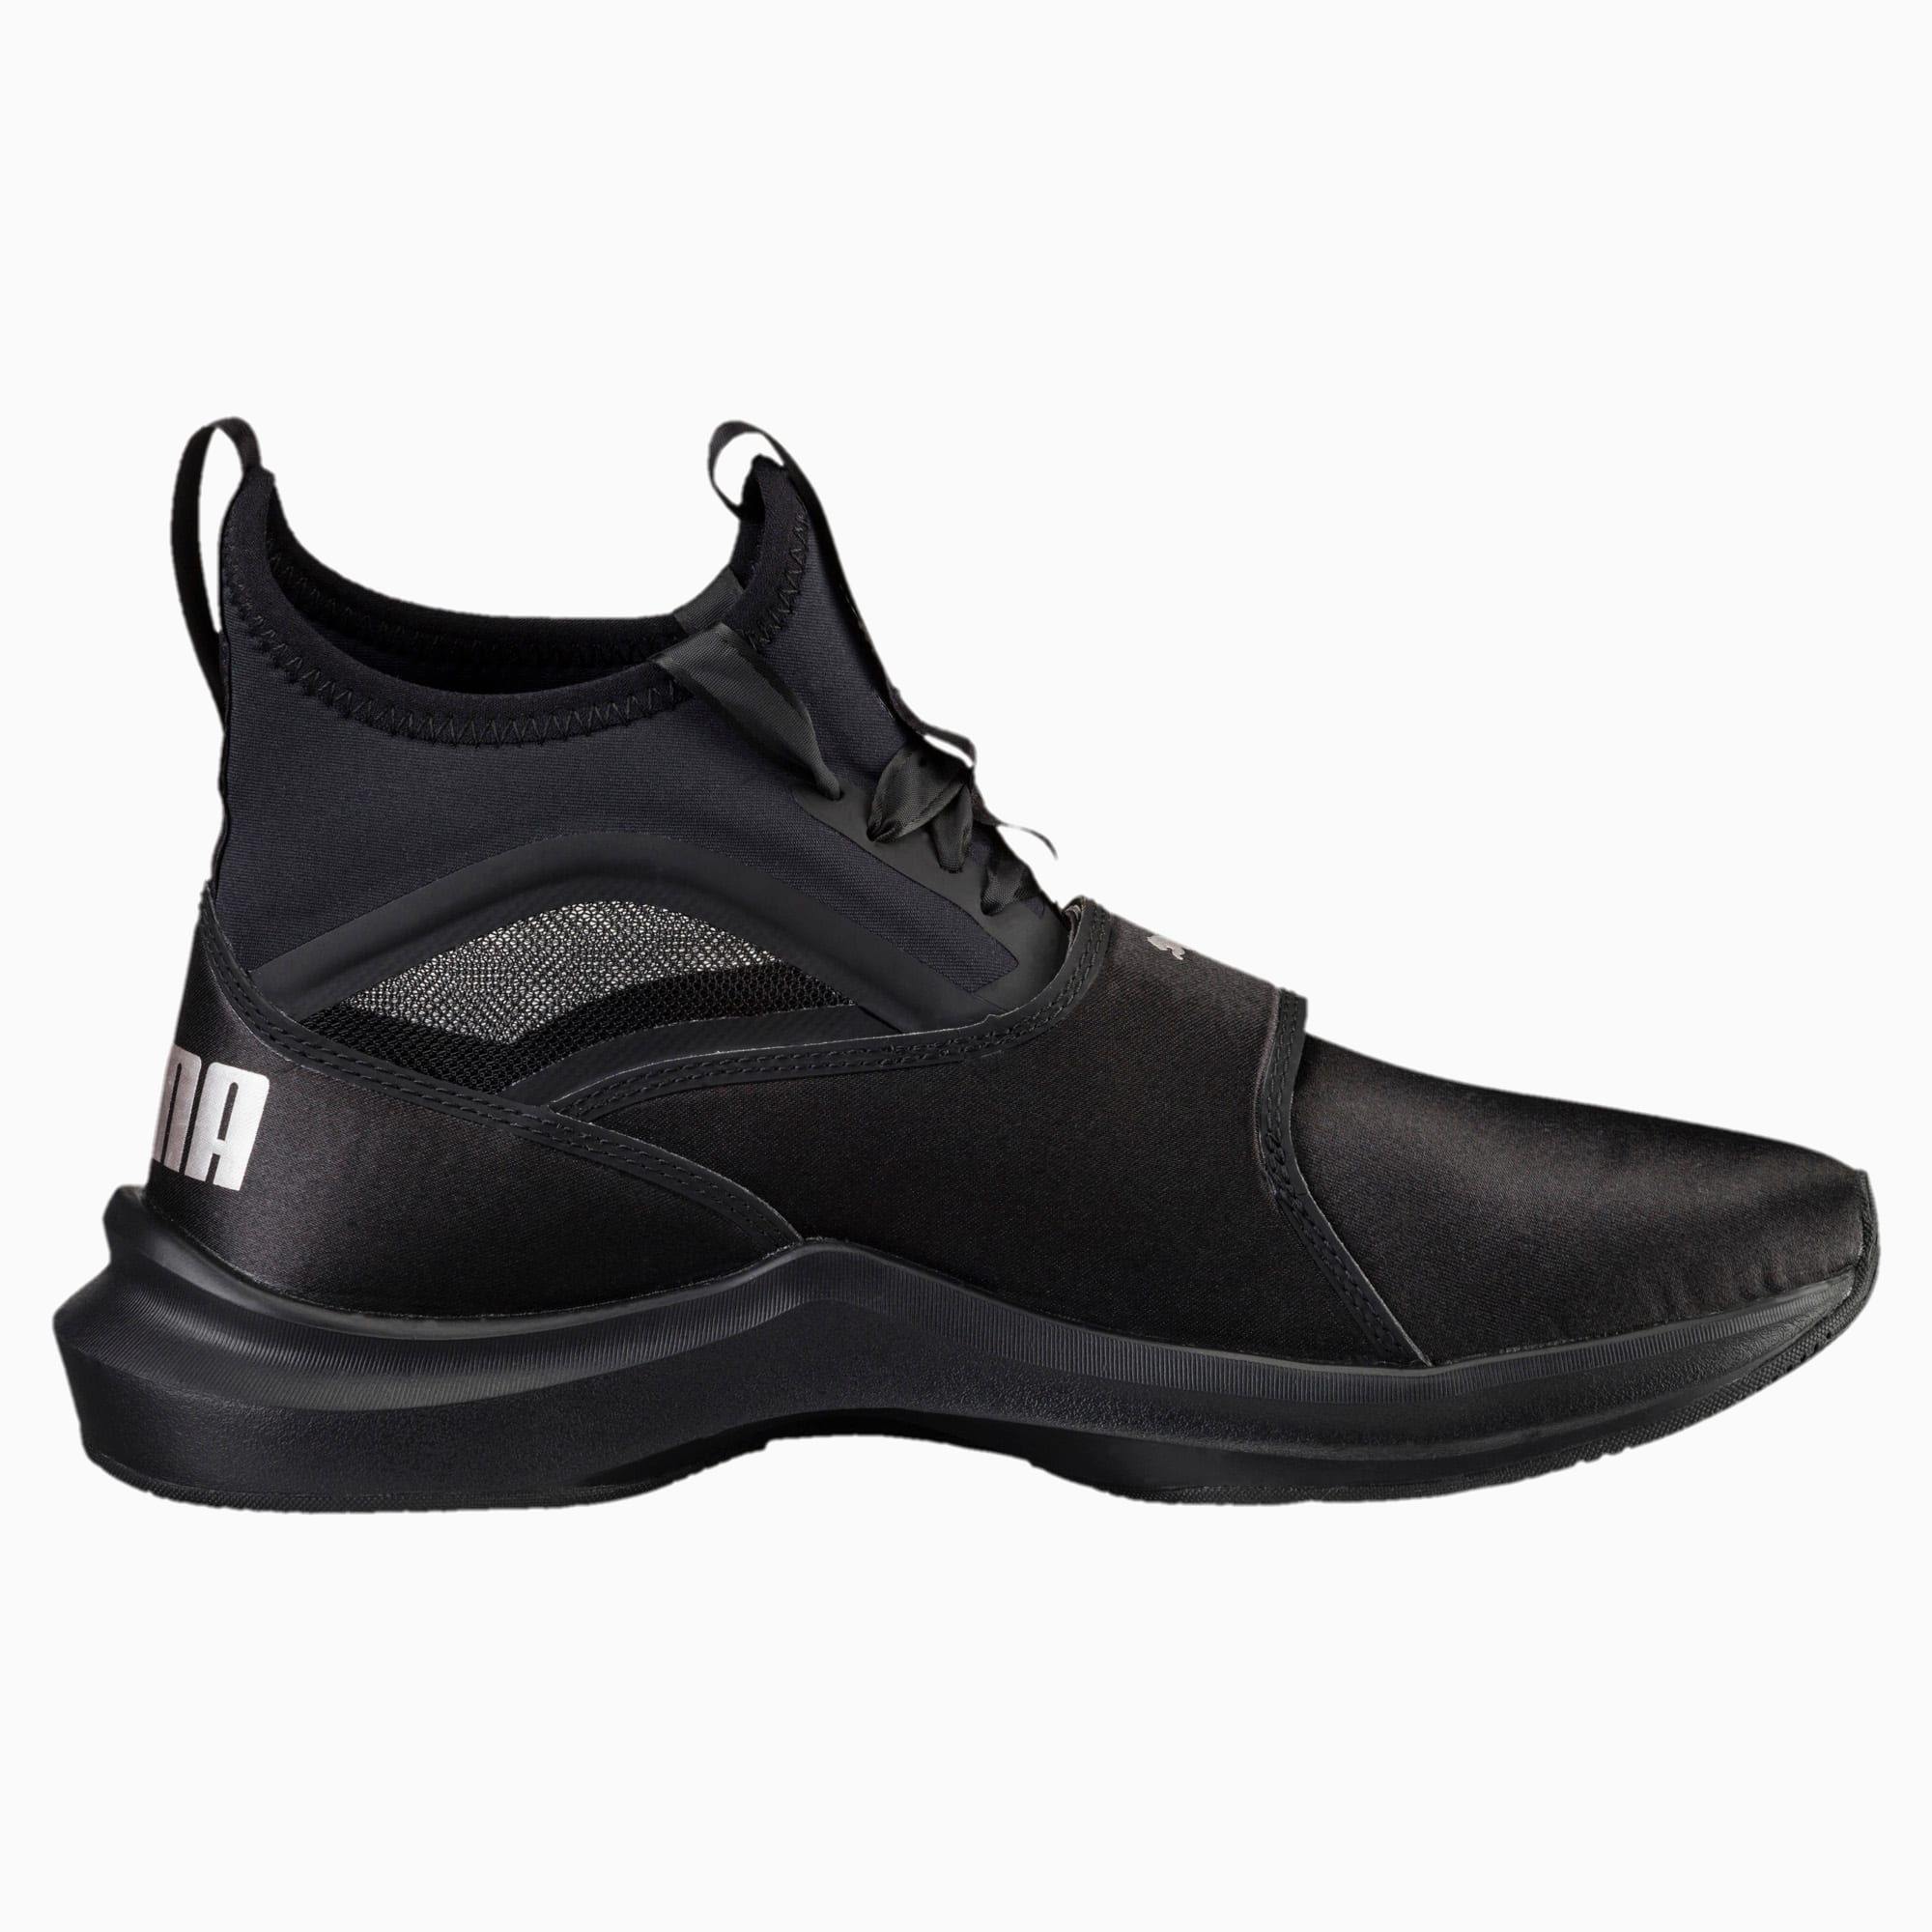 PUMA Selena Gomez En Pointe Phenom Satin Training Shoe